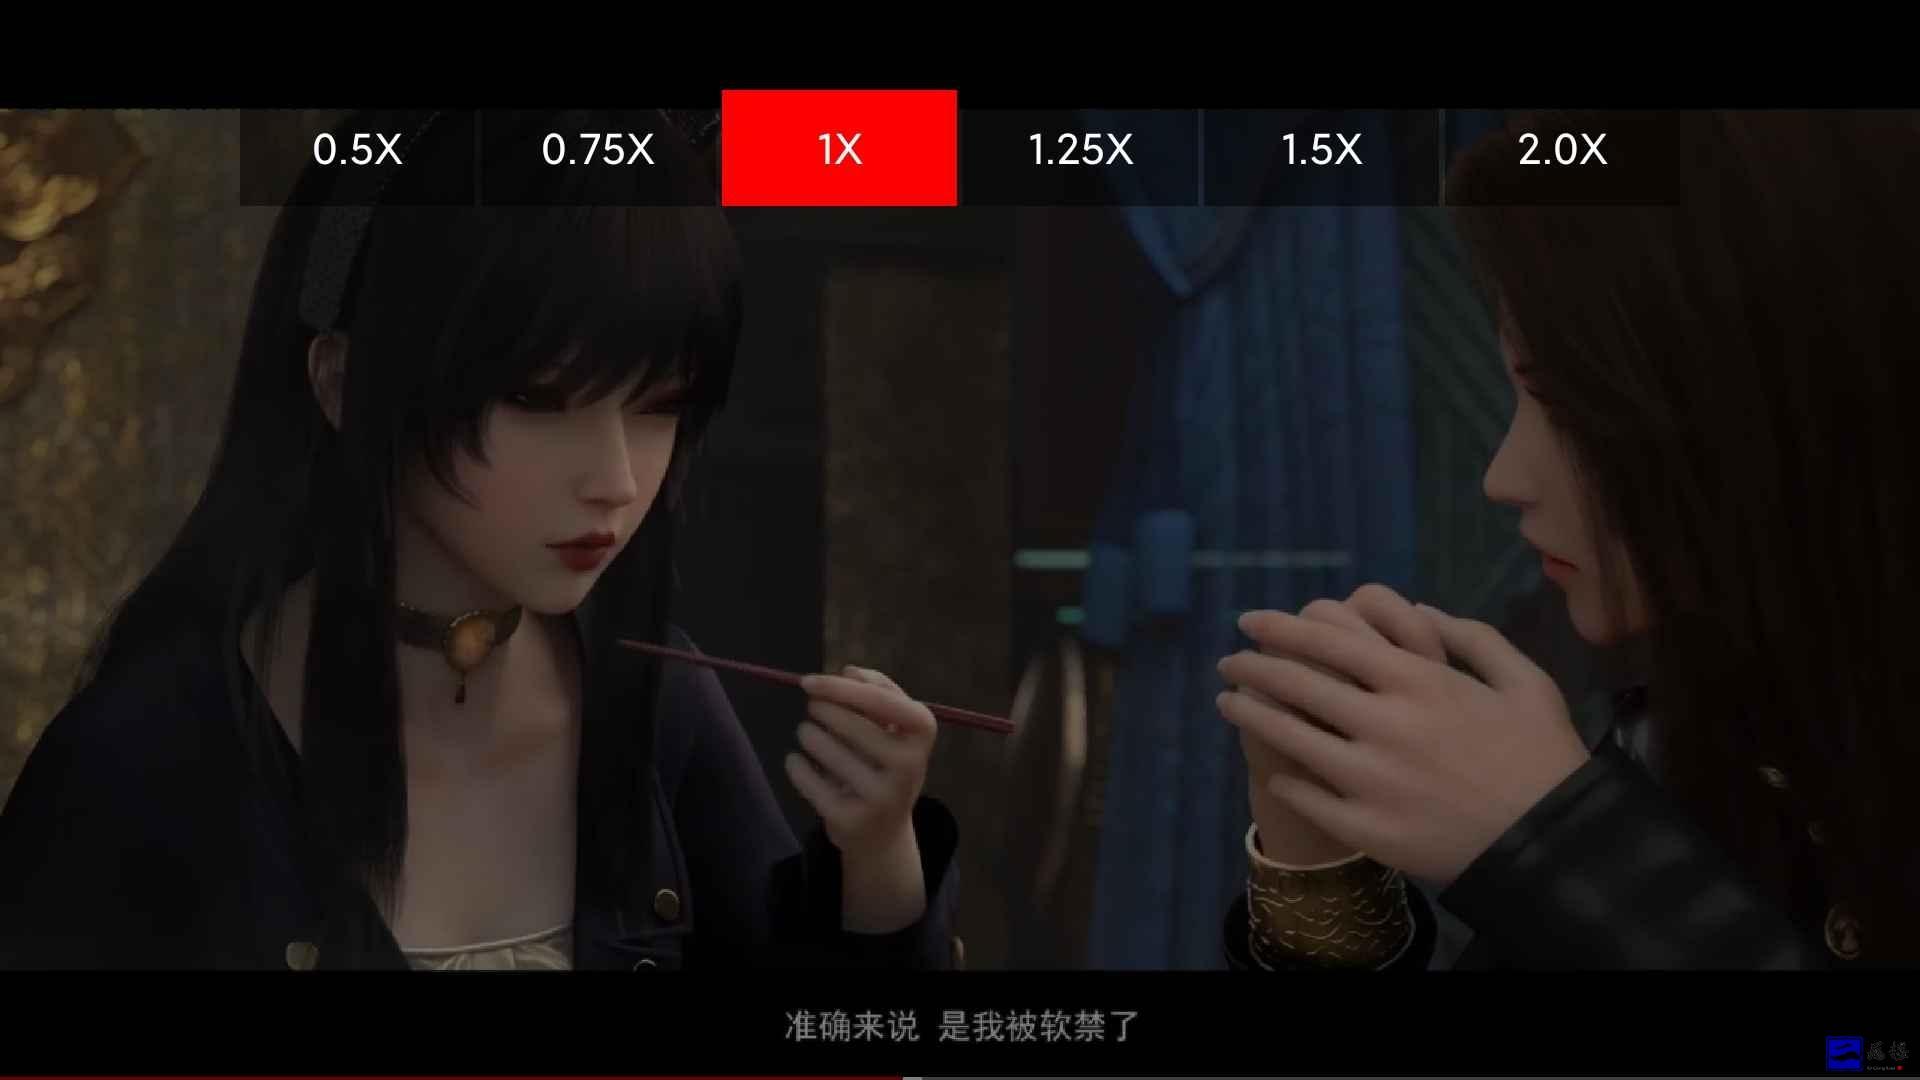 2021正版JSON七彩影视双端全网独家二次开发修复版插图3